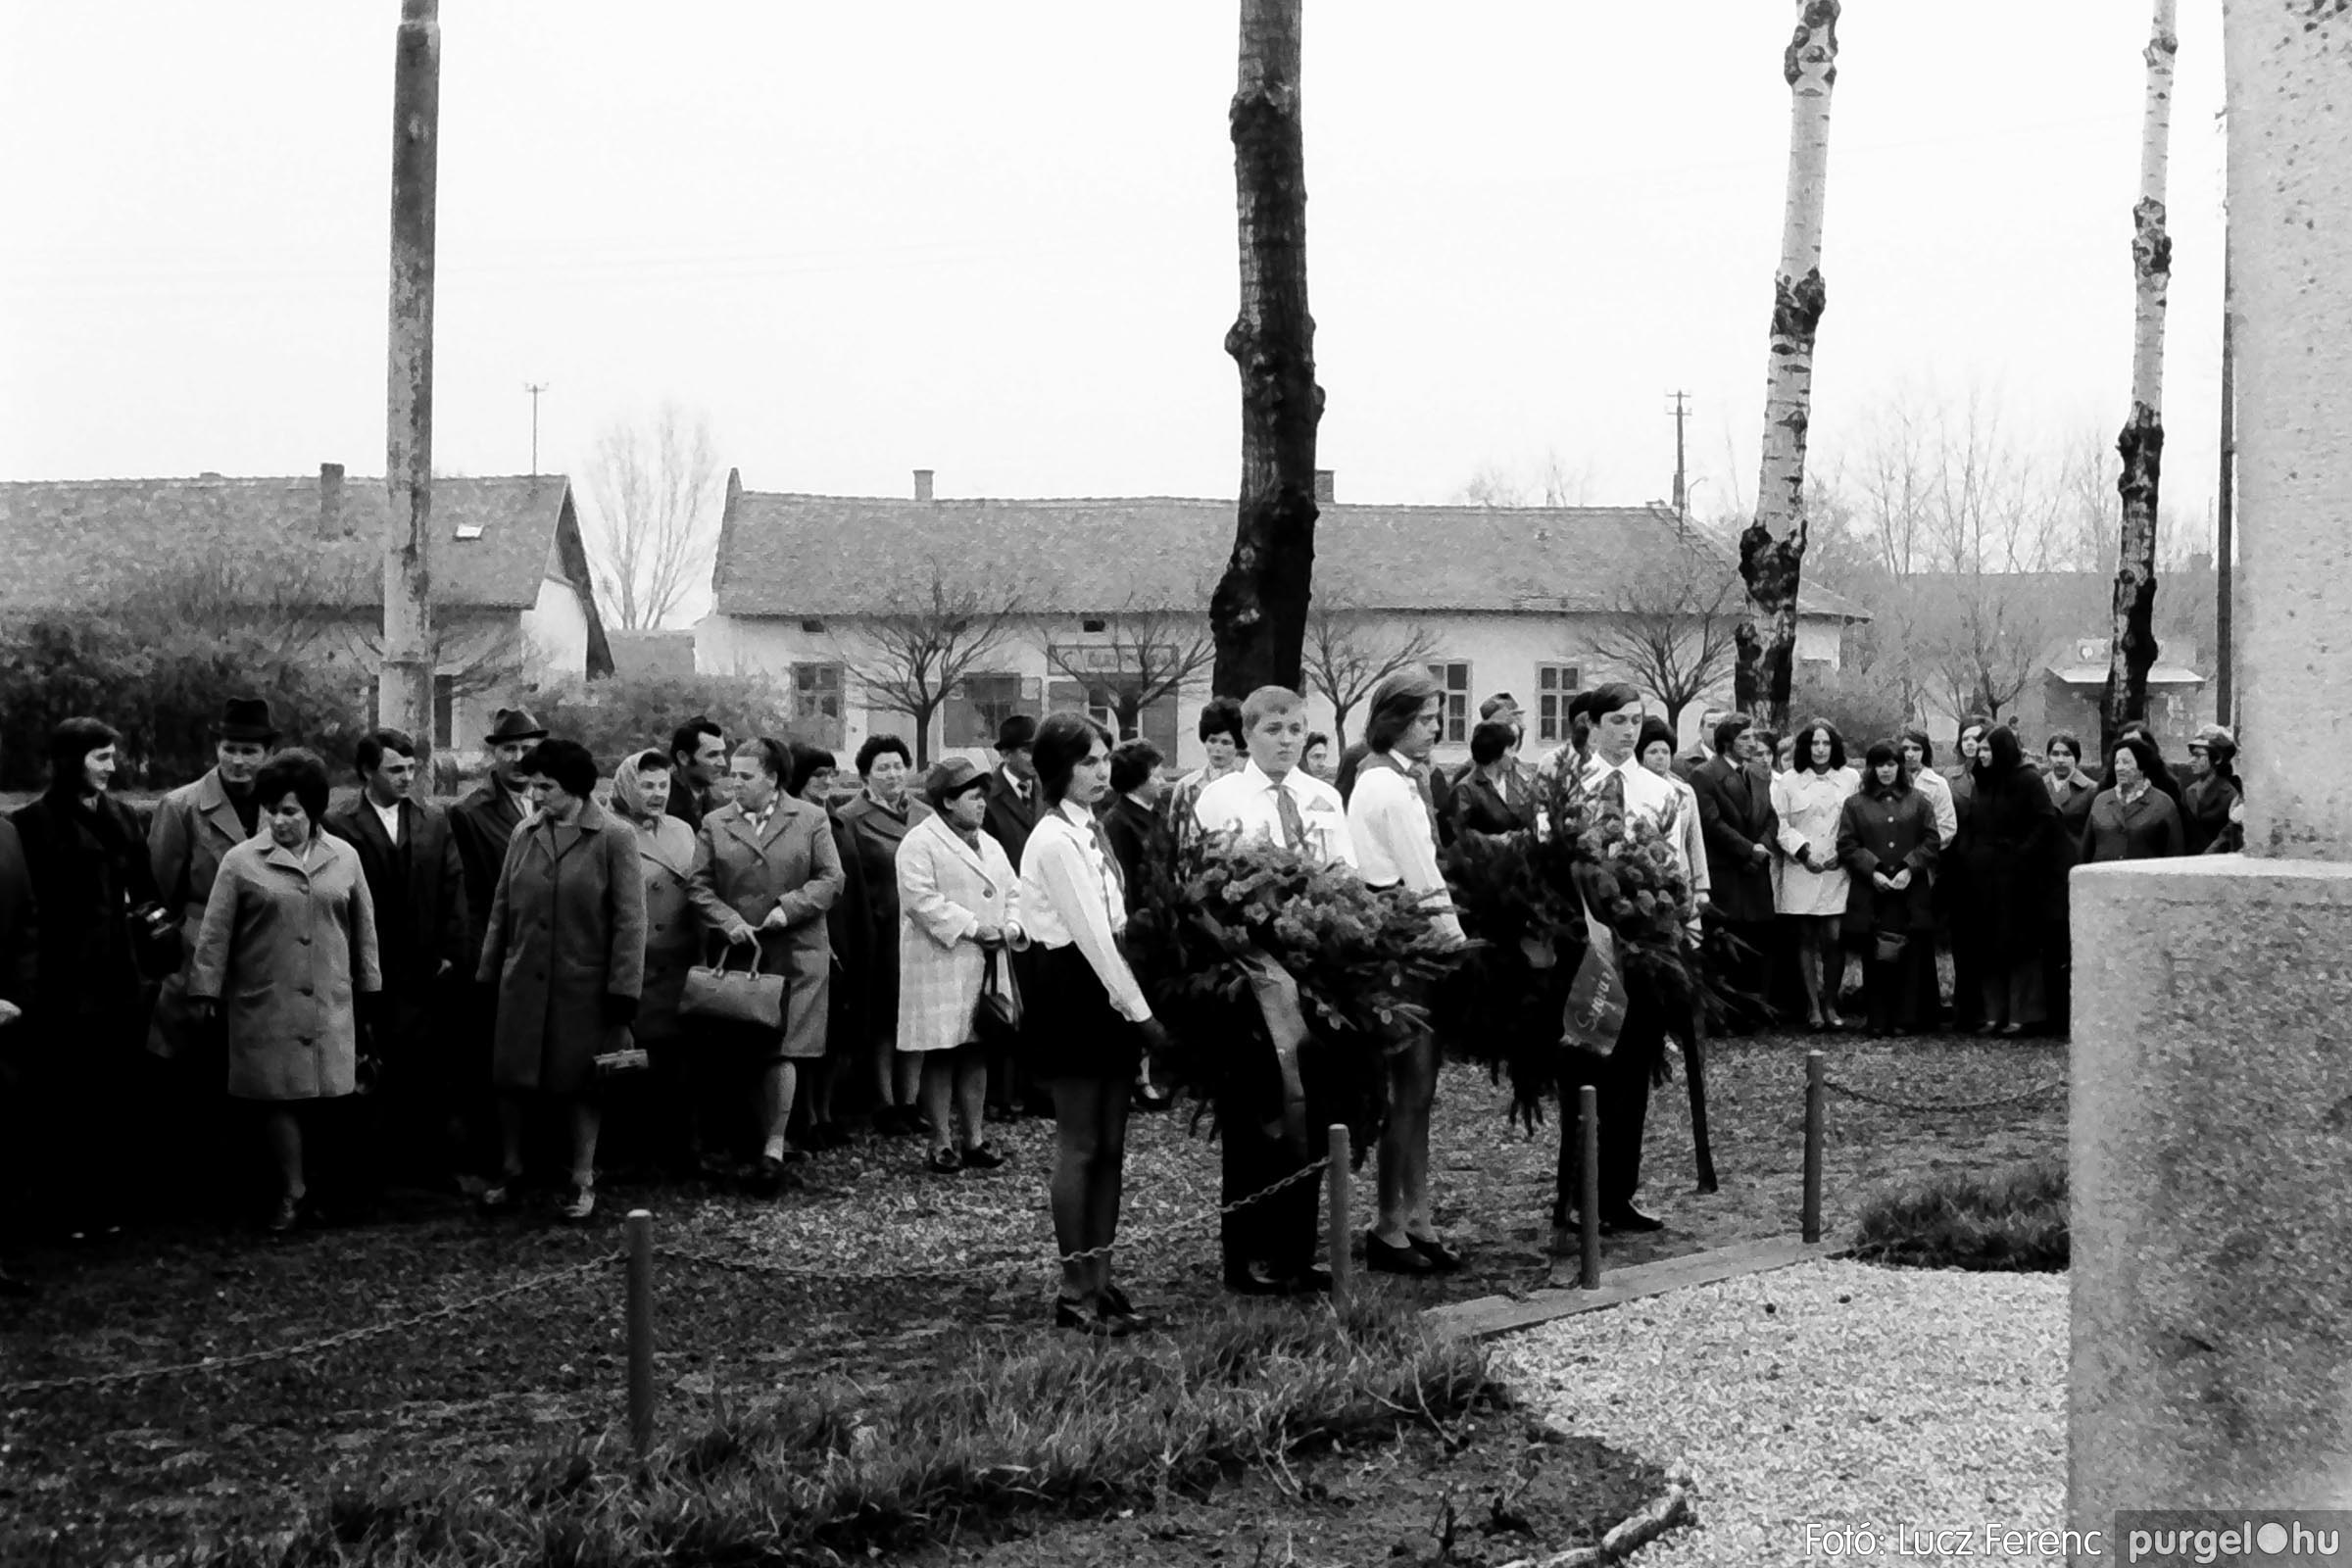 008 1975.04.04. Április 4-i ünnepség 019 - Fotó: Lucz Ferenc IMG00142q.jpg